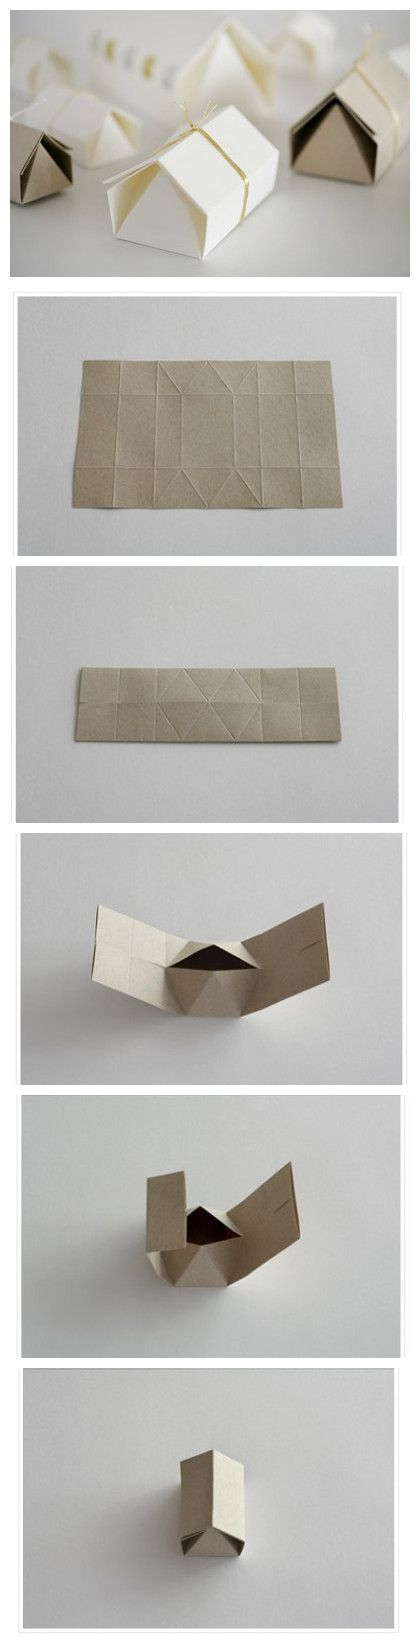 cardboard house gift box